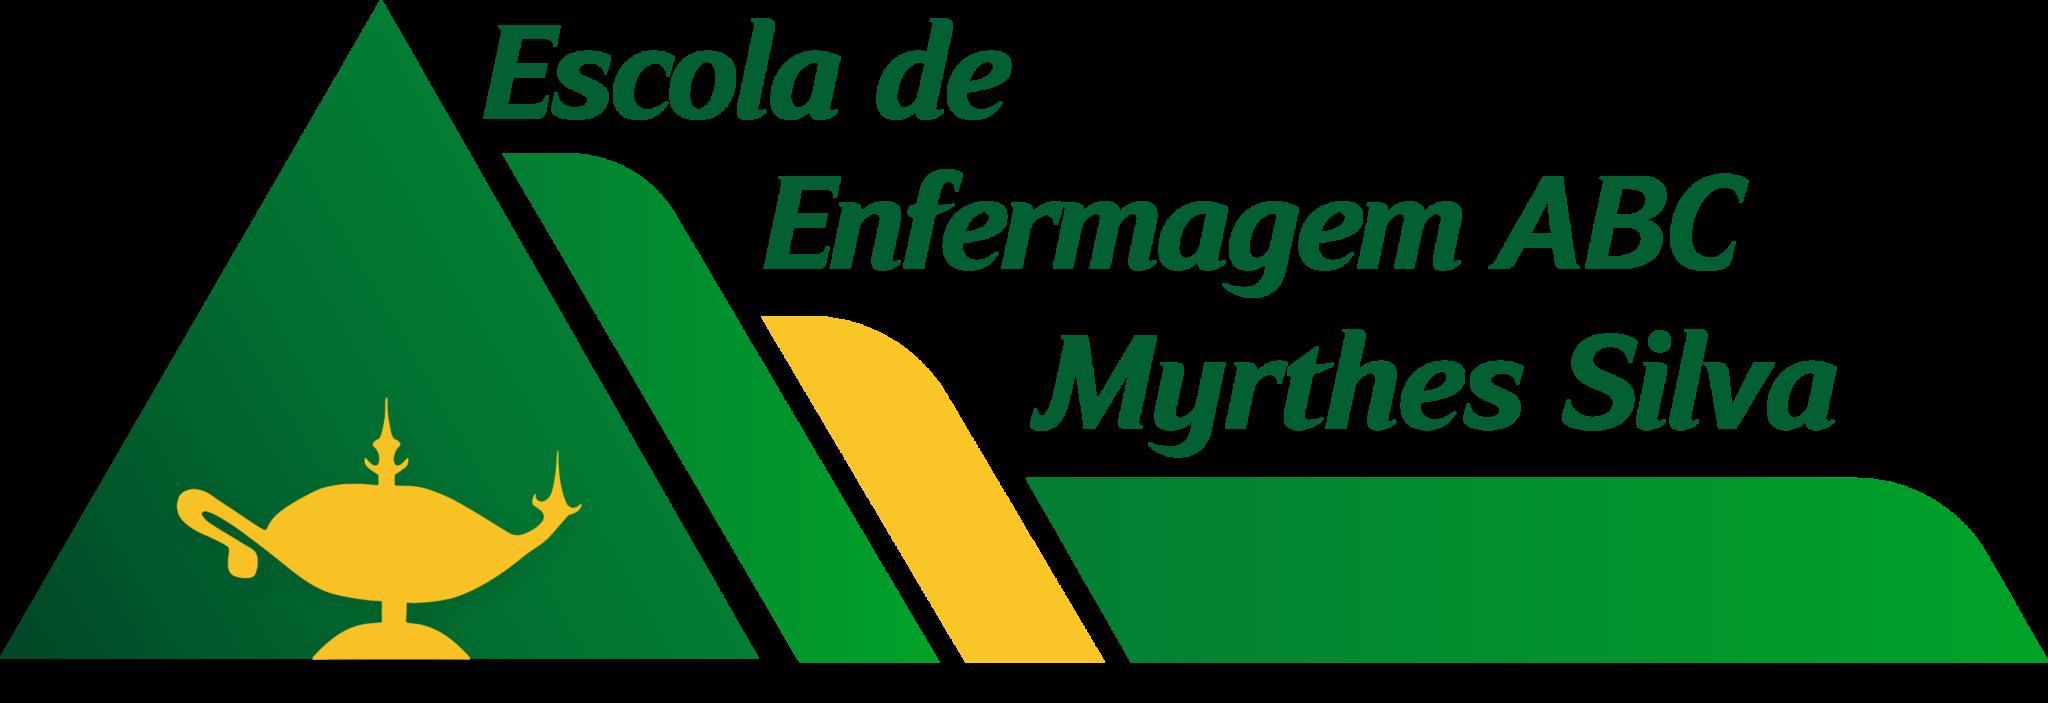 Logo Escola de Enfermagem ABC Myrthes Silva 45 anos